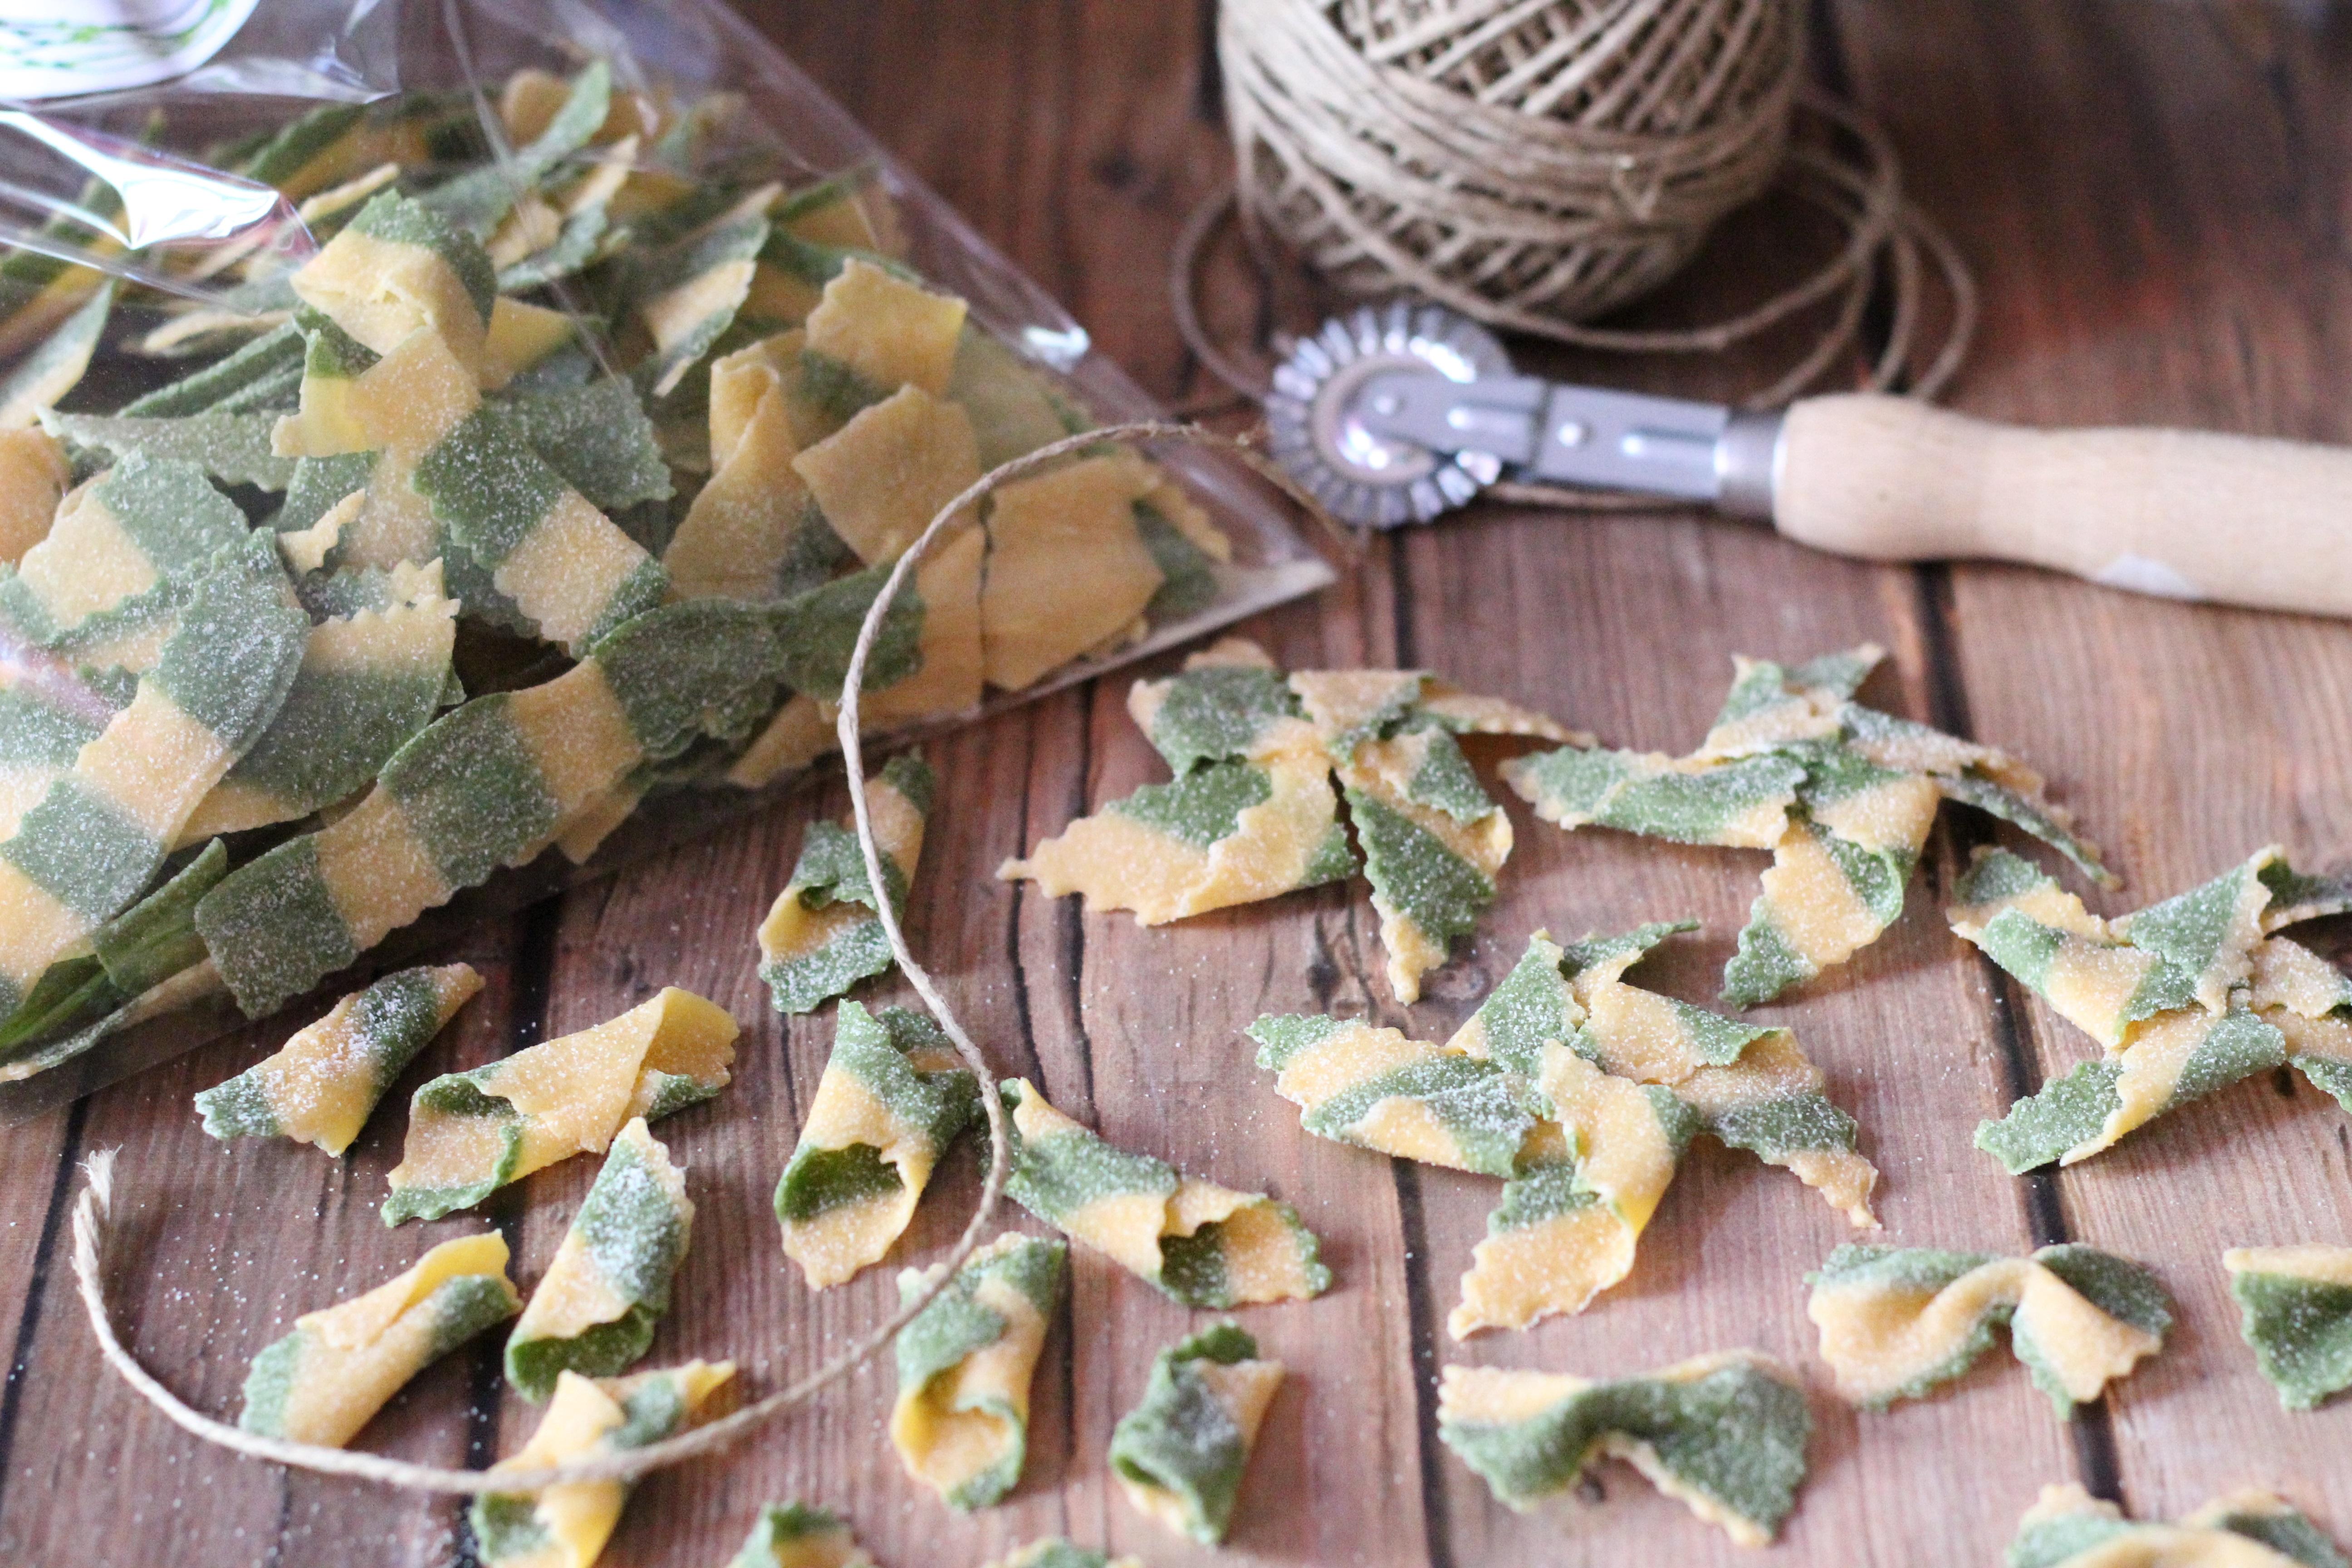 Színes csíkos tészta lépésről lépésre - Így készítsd el otthon